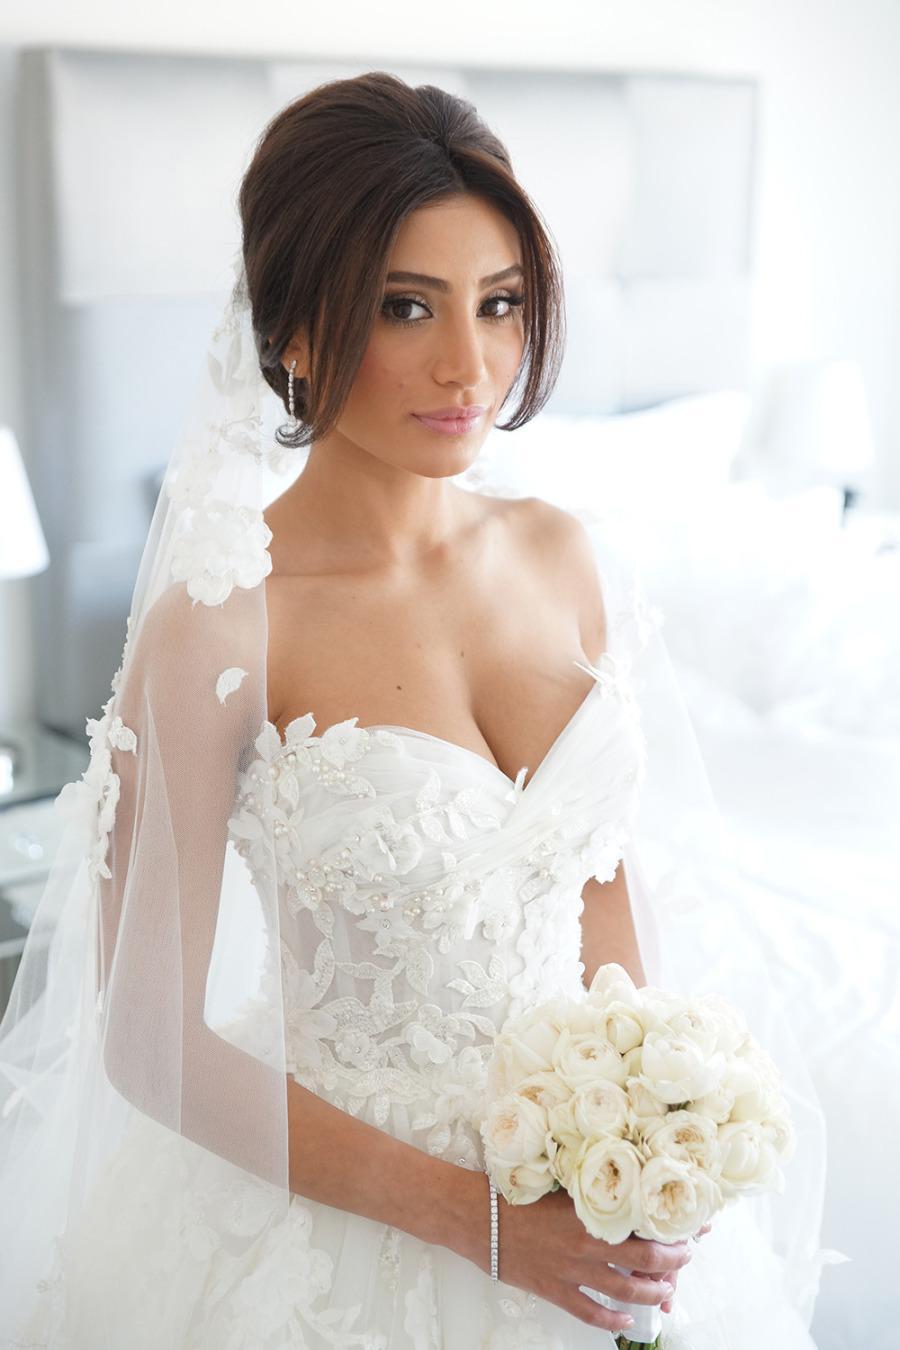 Свадьба платья и прическа волосы фото